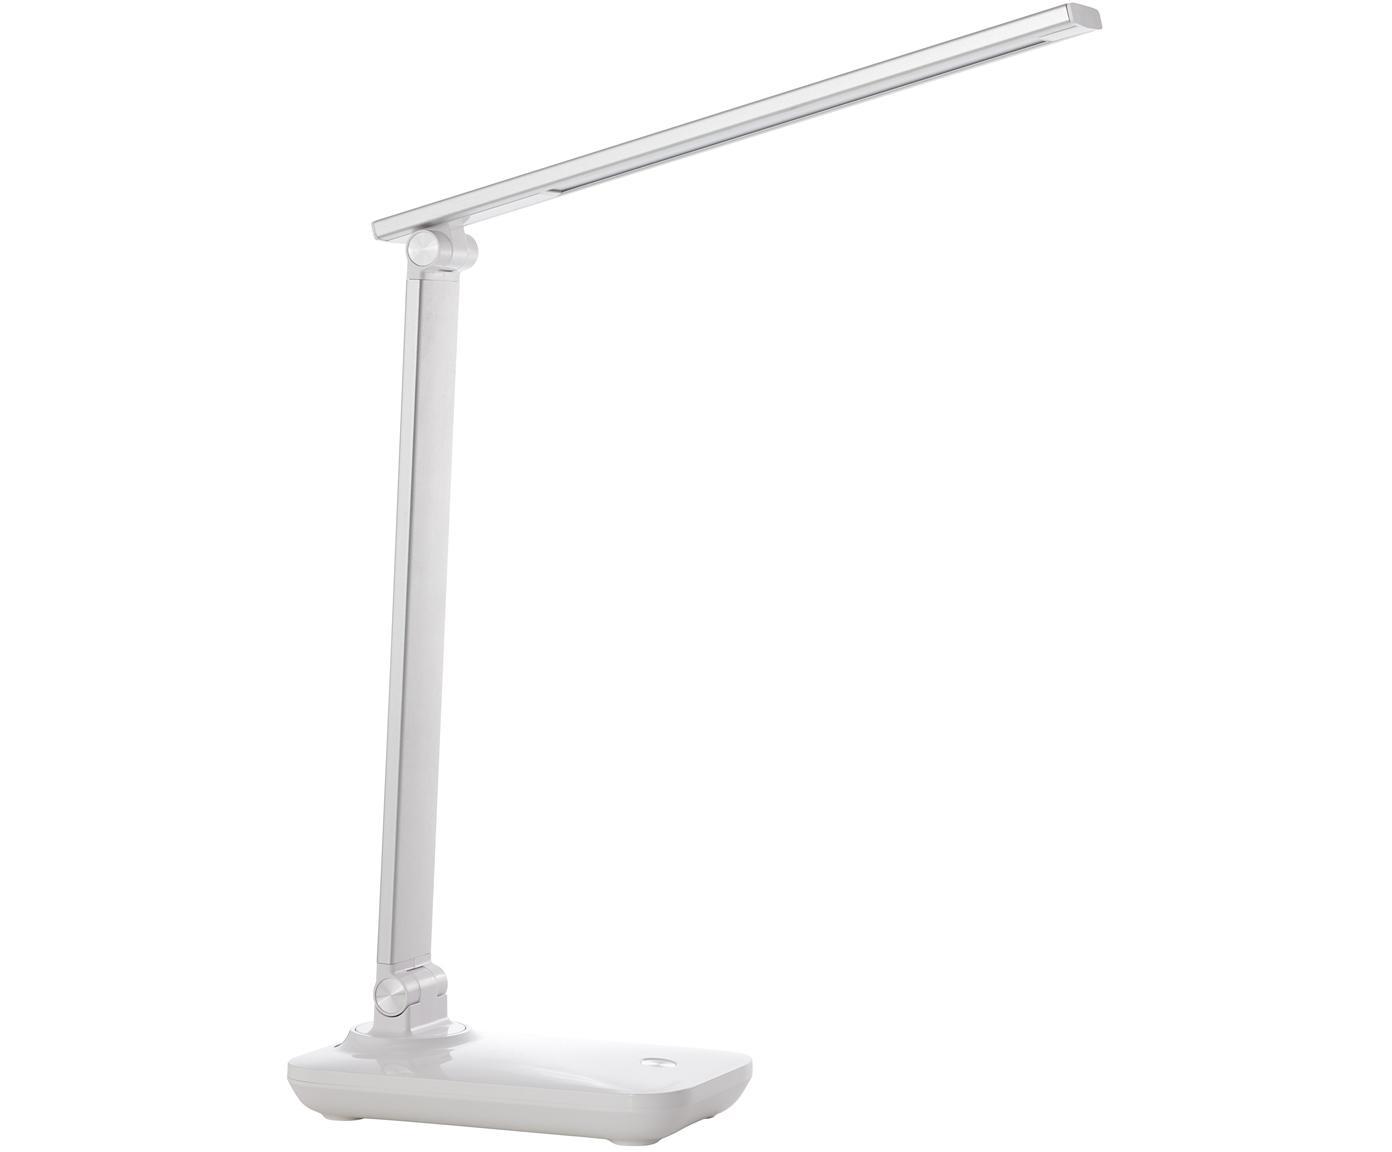 Dimmbare LED Schreibtischlampe Leonora, Lampenschirm: Metall, Weiß, Silberfarben, 10 x 36 cm